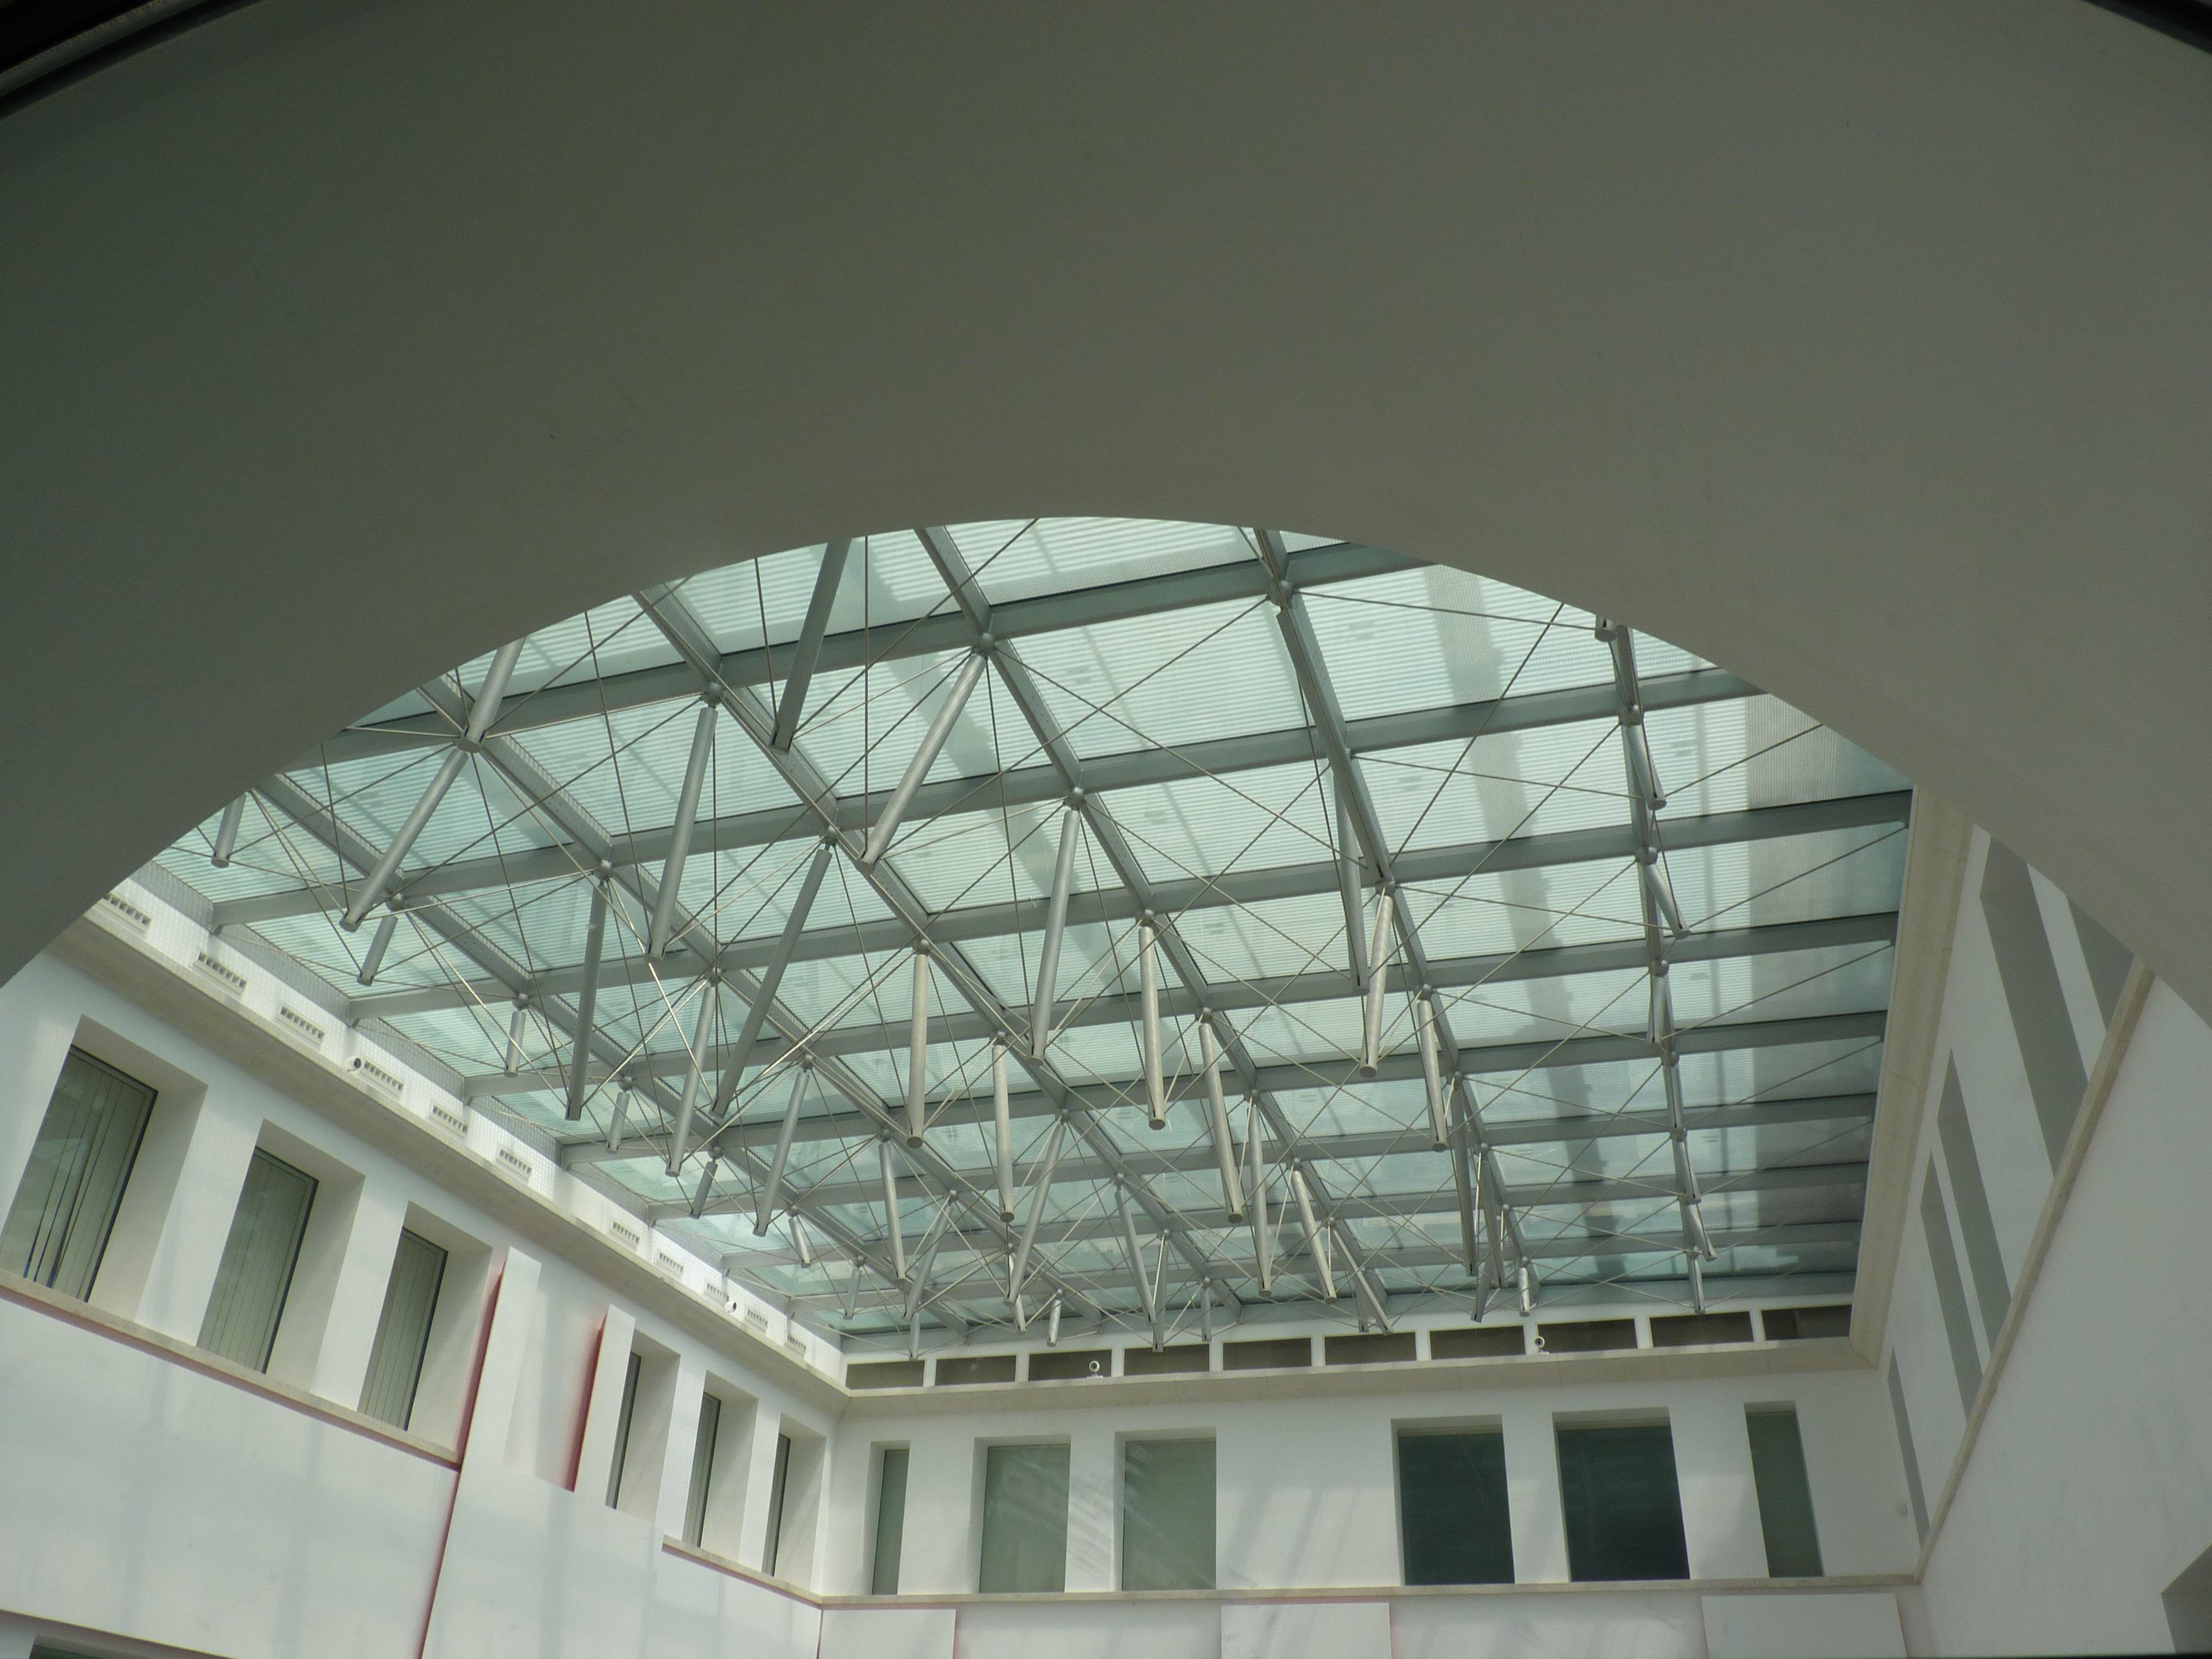 Marrc museo di luce con troppe ombre non diradate for Giornale architettura